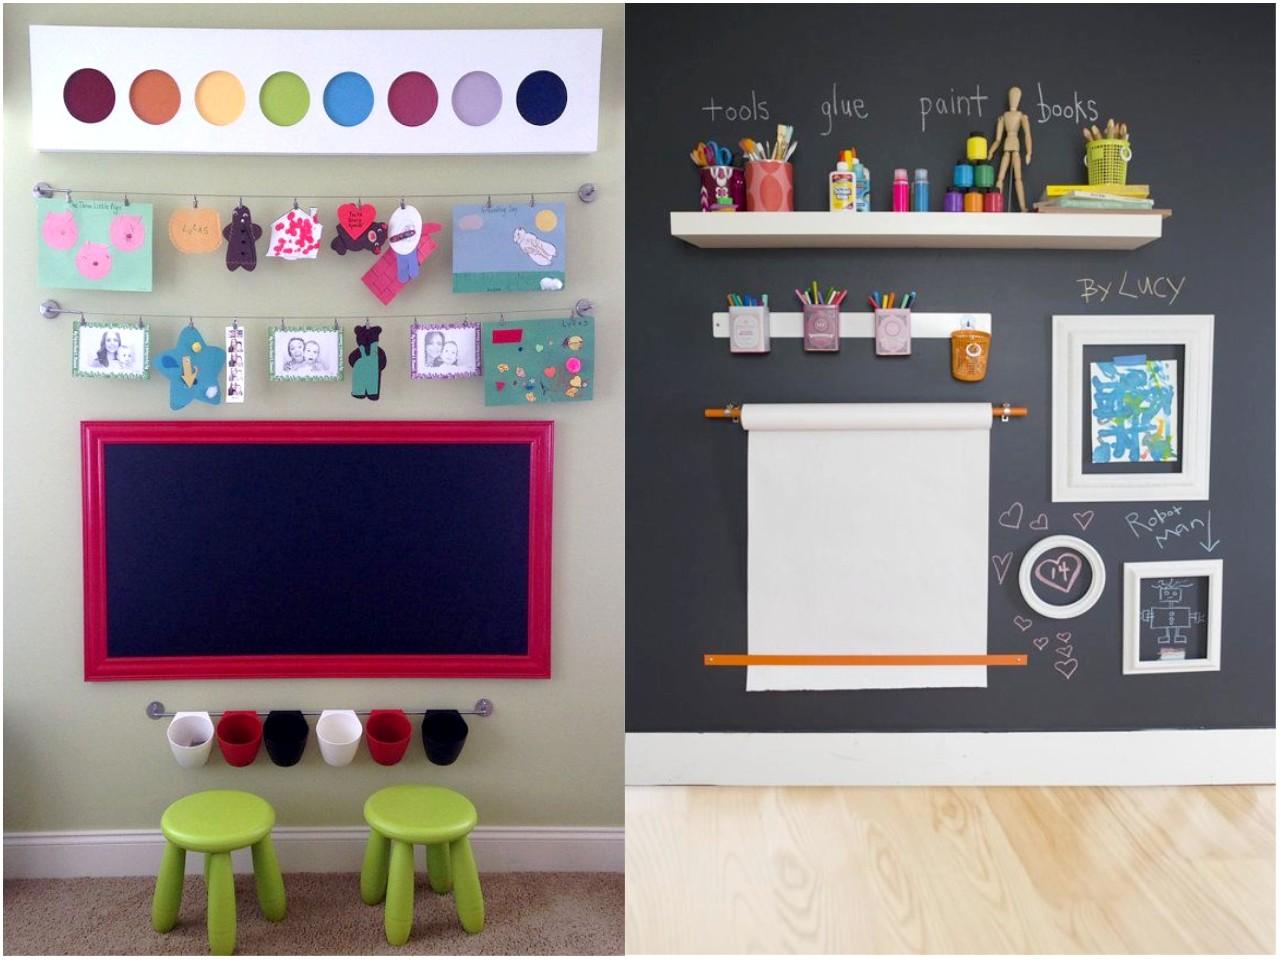 Las 6 mejores ideas de decoración con pizarras para casa